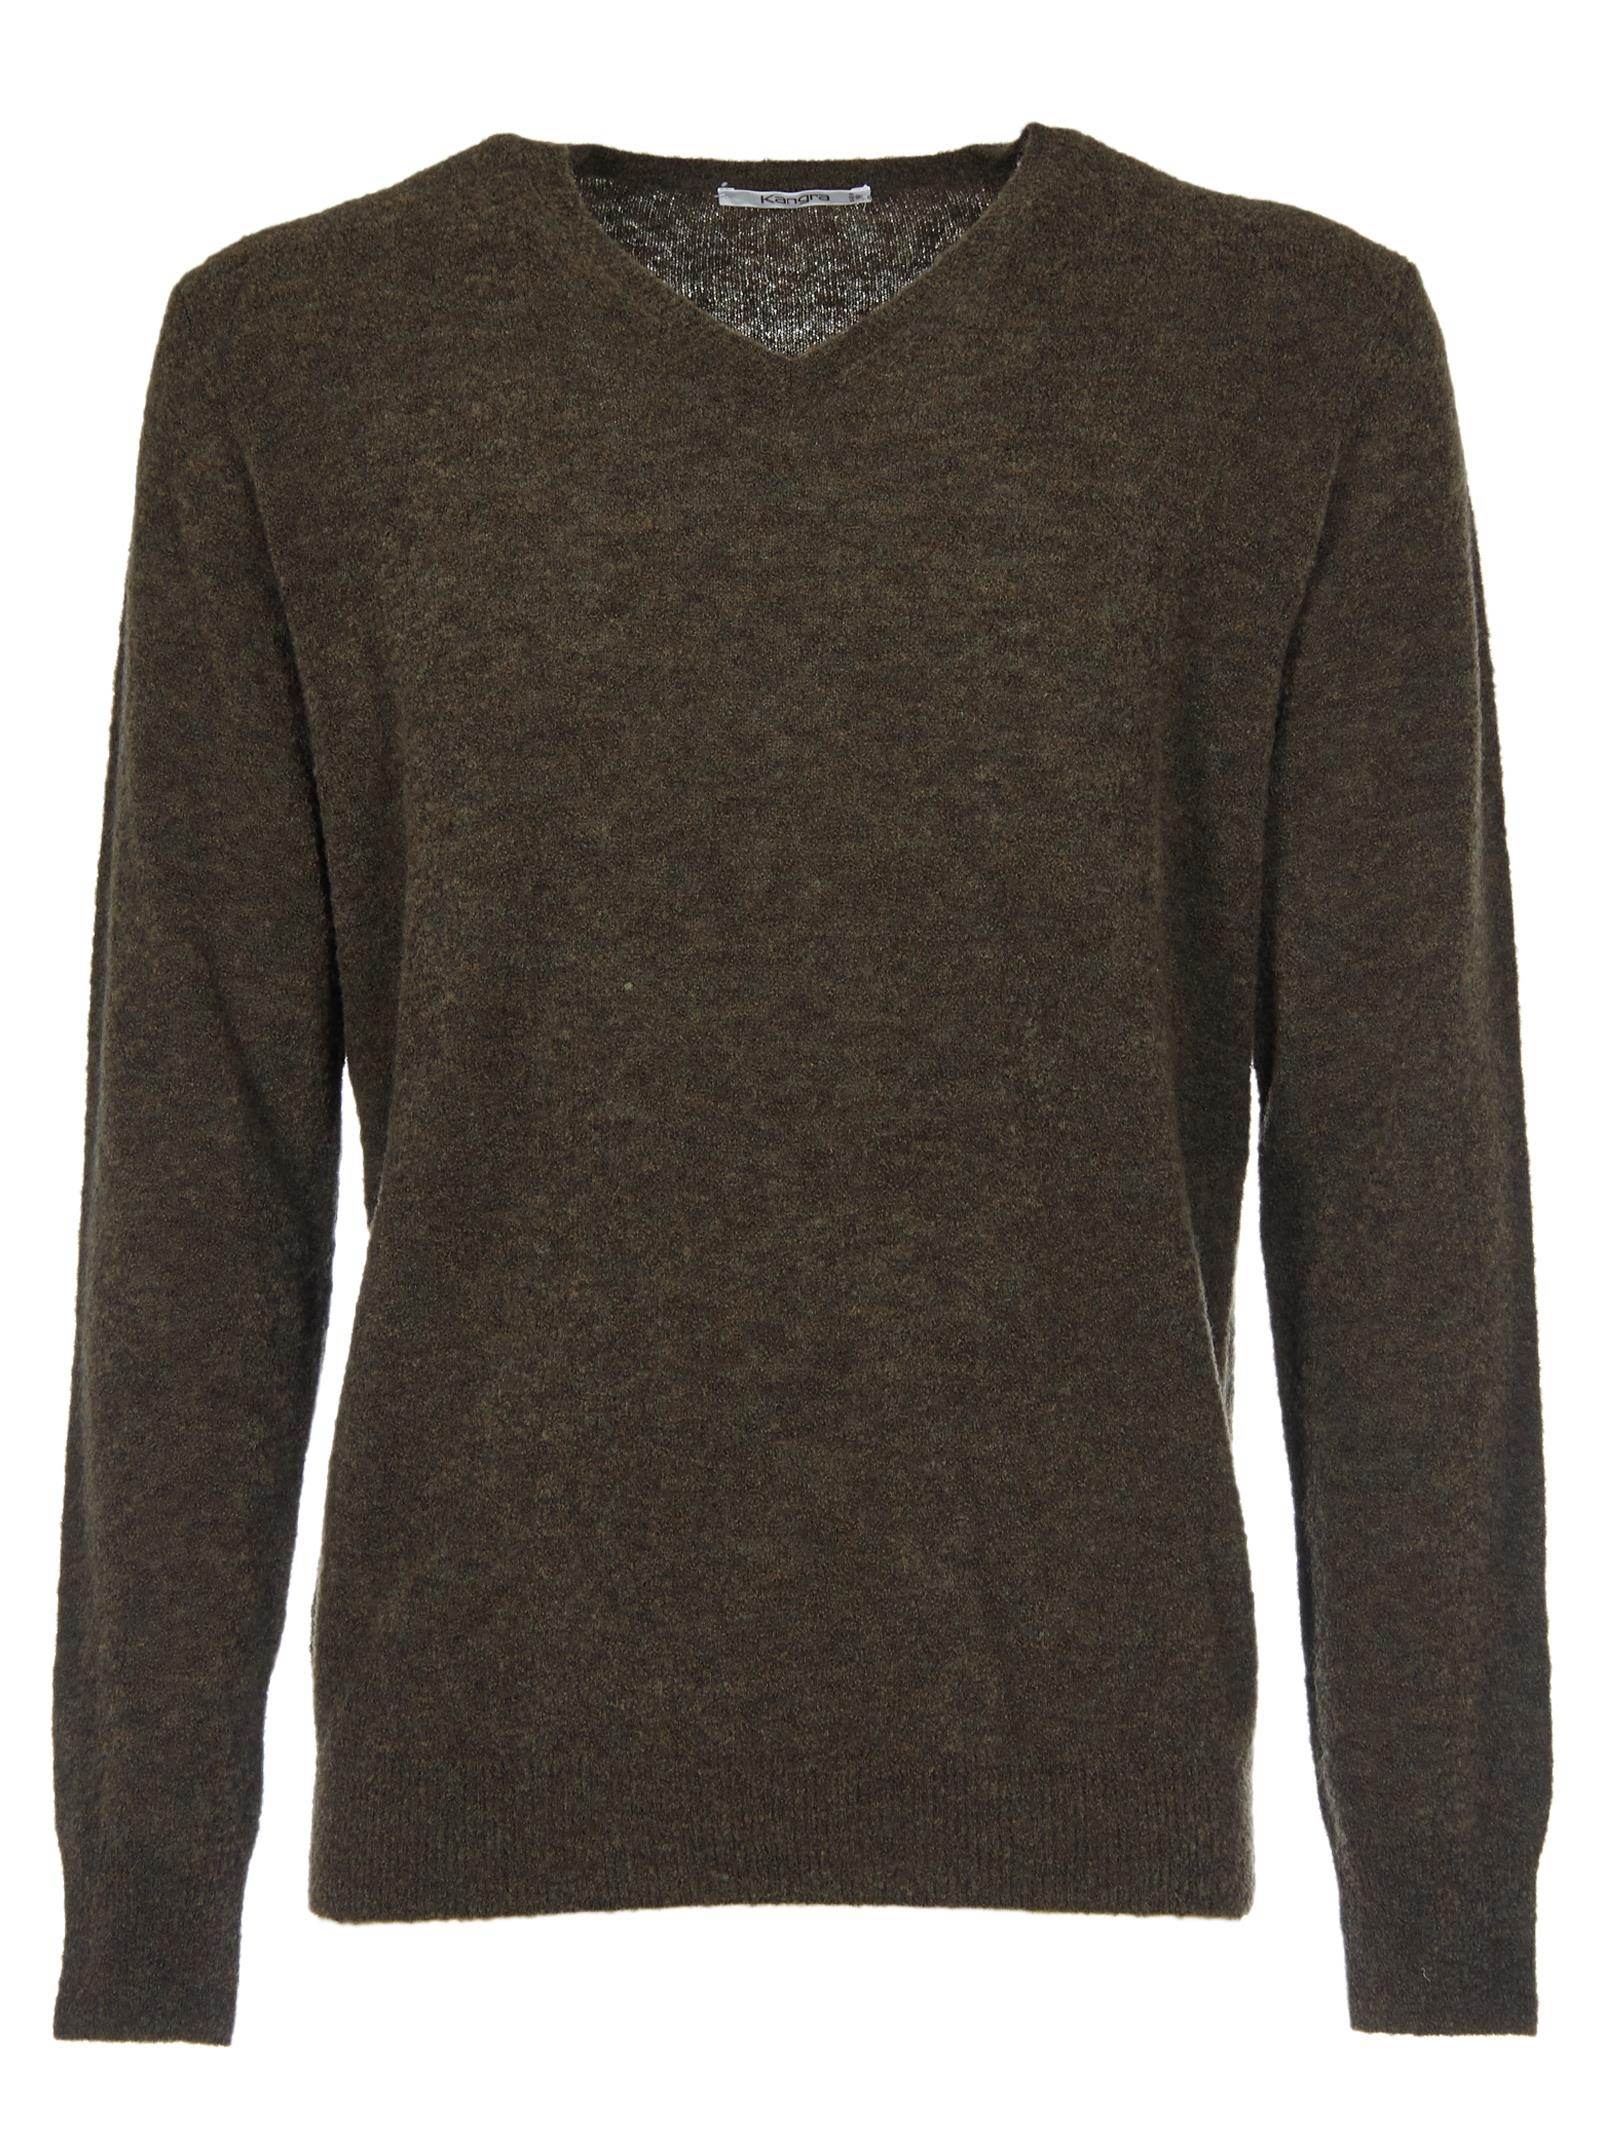 KANGRA V-Neck Sweater in Military